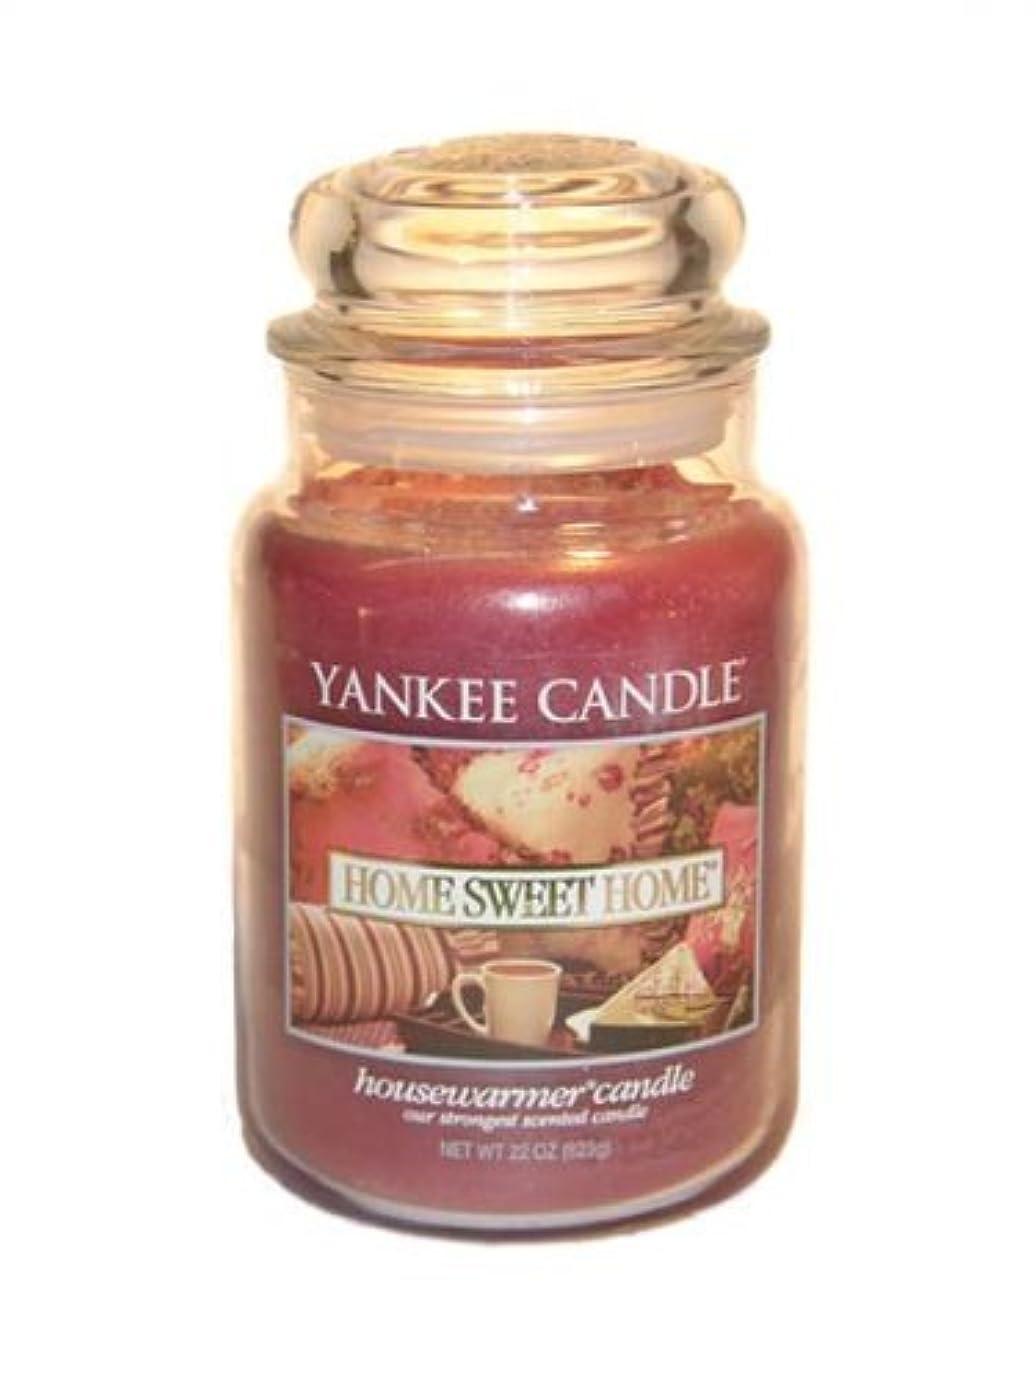 ガジュマルピザロシアYankee Candle Home Sweet Home Large Jar 22oz Candle by Amazon source [並行輸入品]